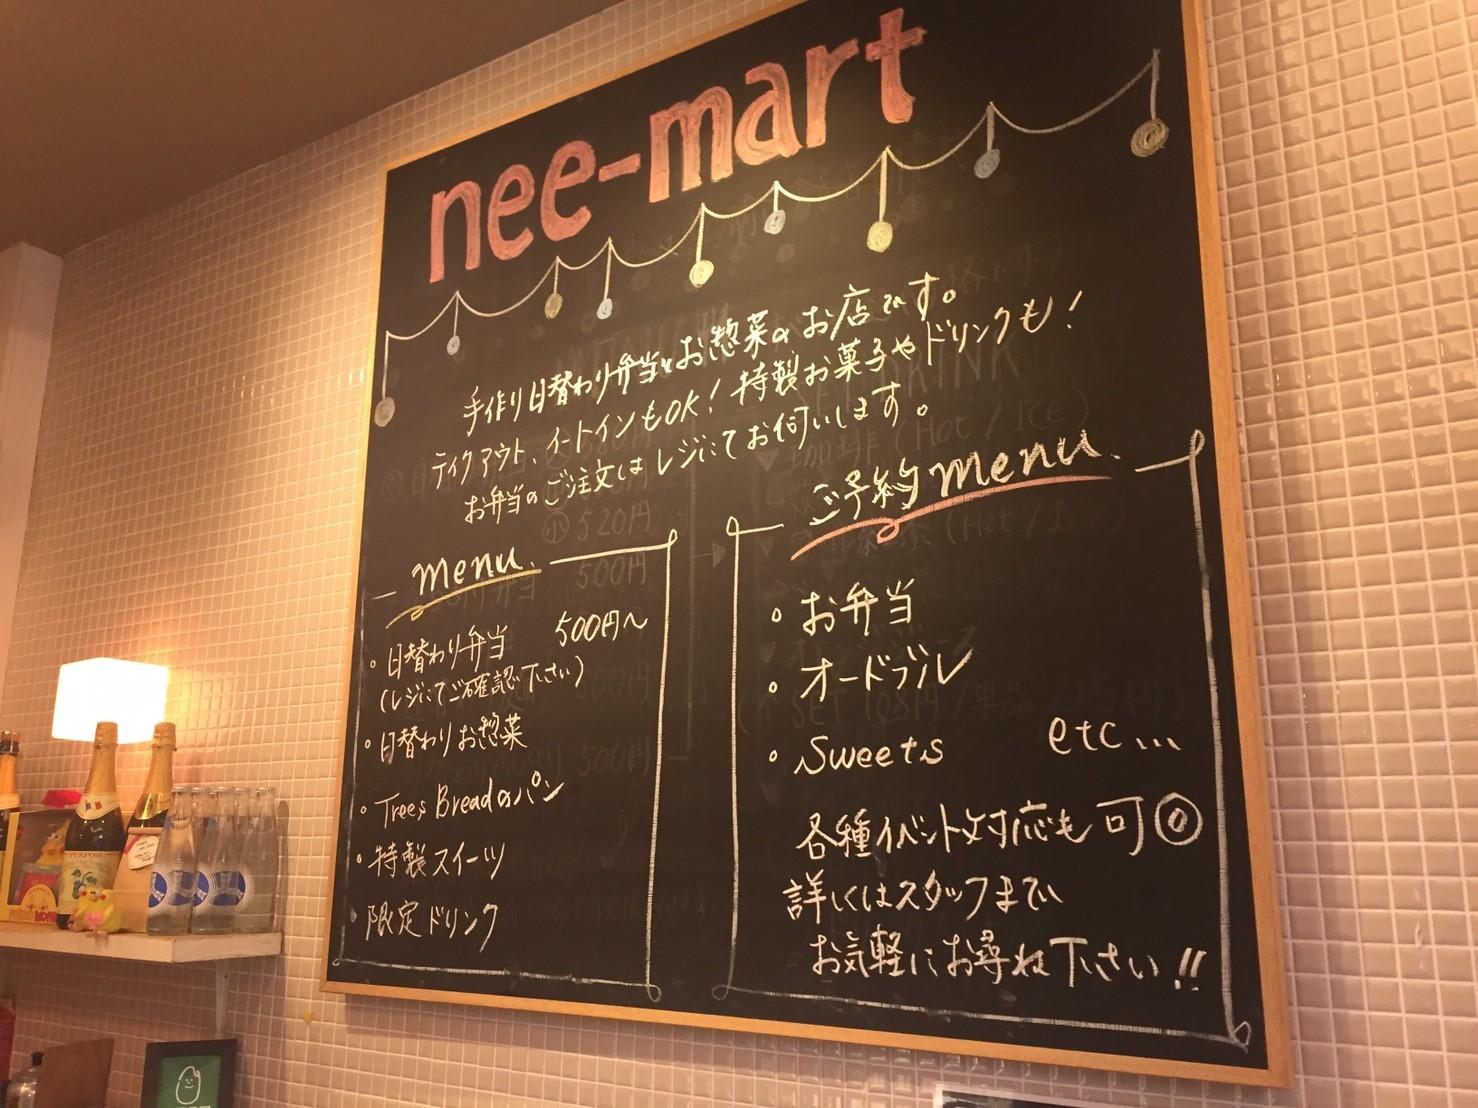 nee-mart 県庁前店_e0115904_09255867.jpg